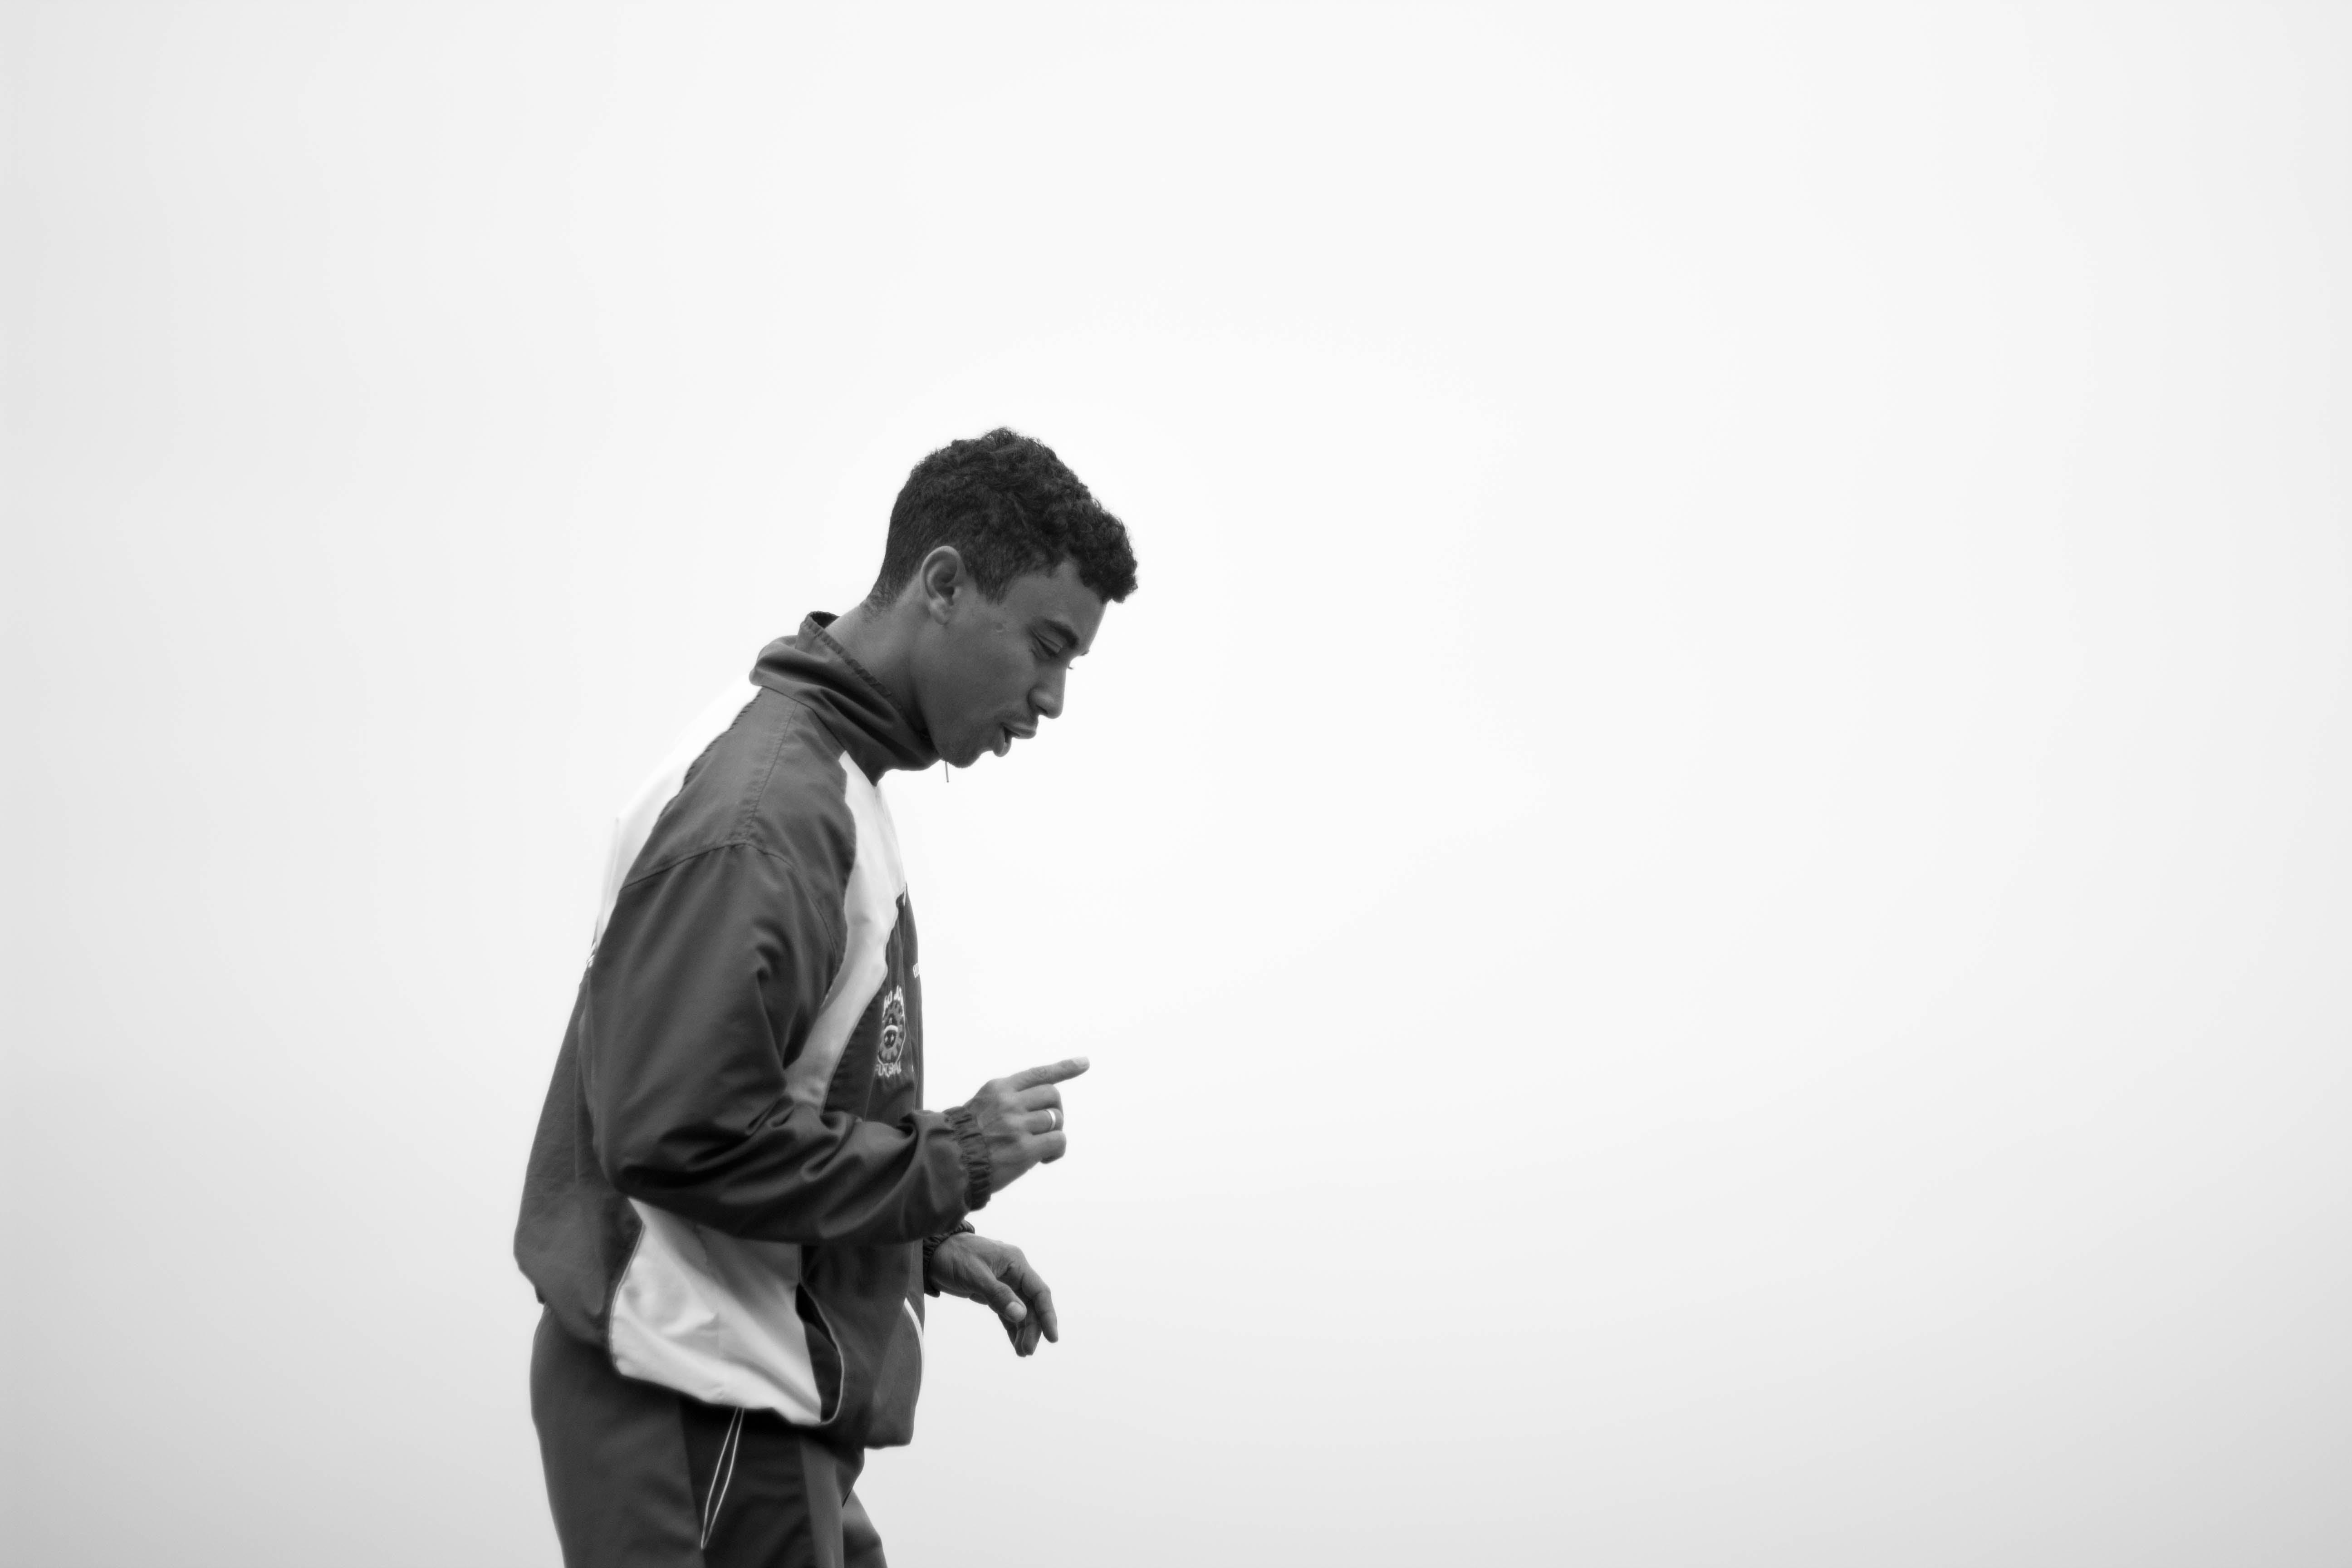 남자, 블랙 앤 화이트, 성인, 육상 선수의 무료 스톡 사진